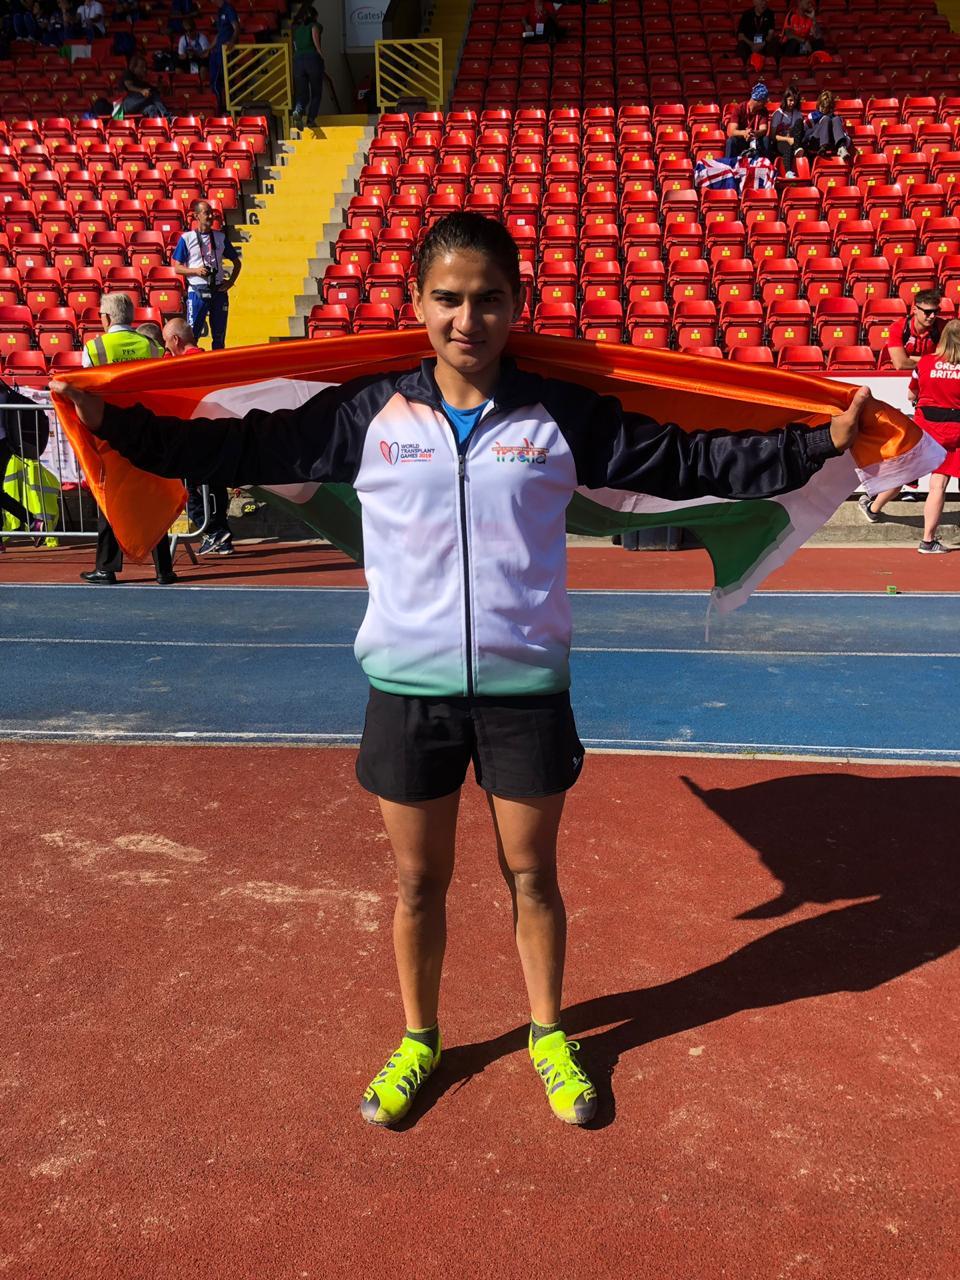 वर्ल्ड ट्रांसप्लांट गेम्स में दो गोल्ड जीतने वाली देश की पहली एथलीट बनीं। - Dainik Bhaskar